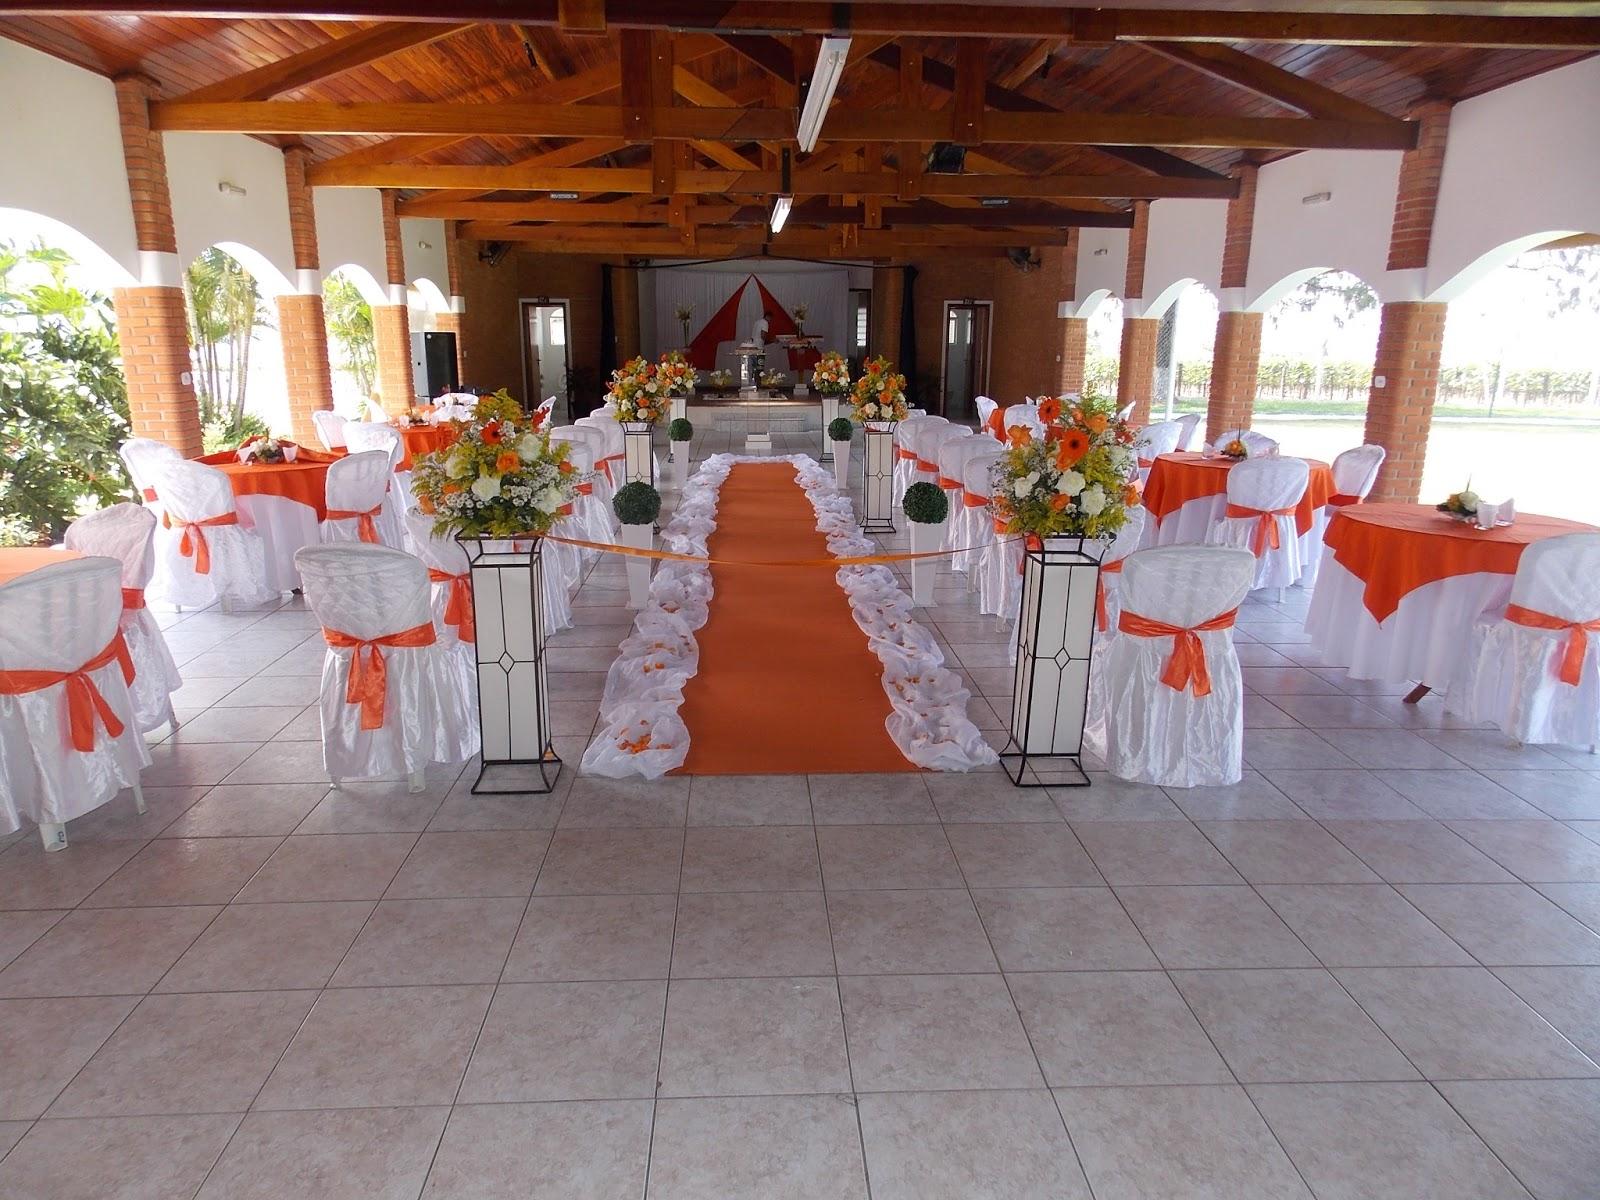 Decoração Casamento Laranja e Branco KEP's Decorações #AA3921 1600x1200 Banheiro Branco E Laranja